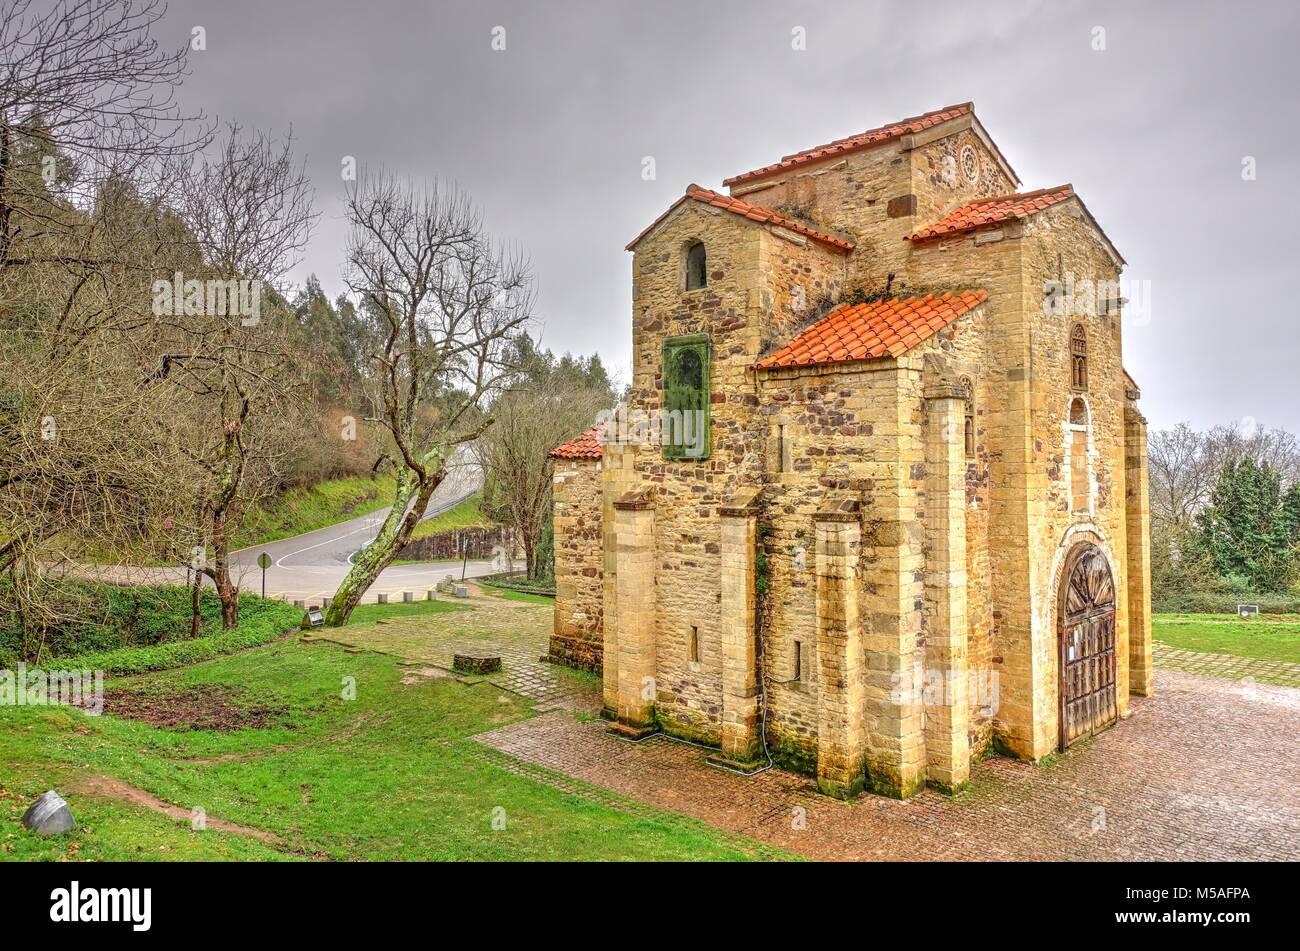 San Miguel de Lillo, Oviedo, Asturias, Spain - Stock Image